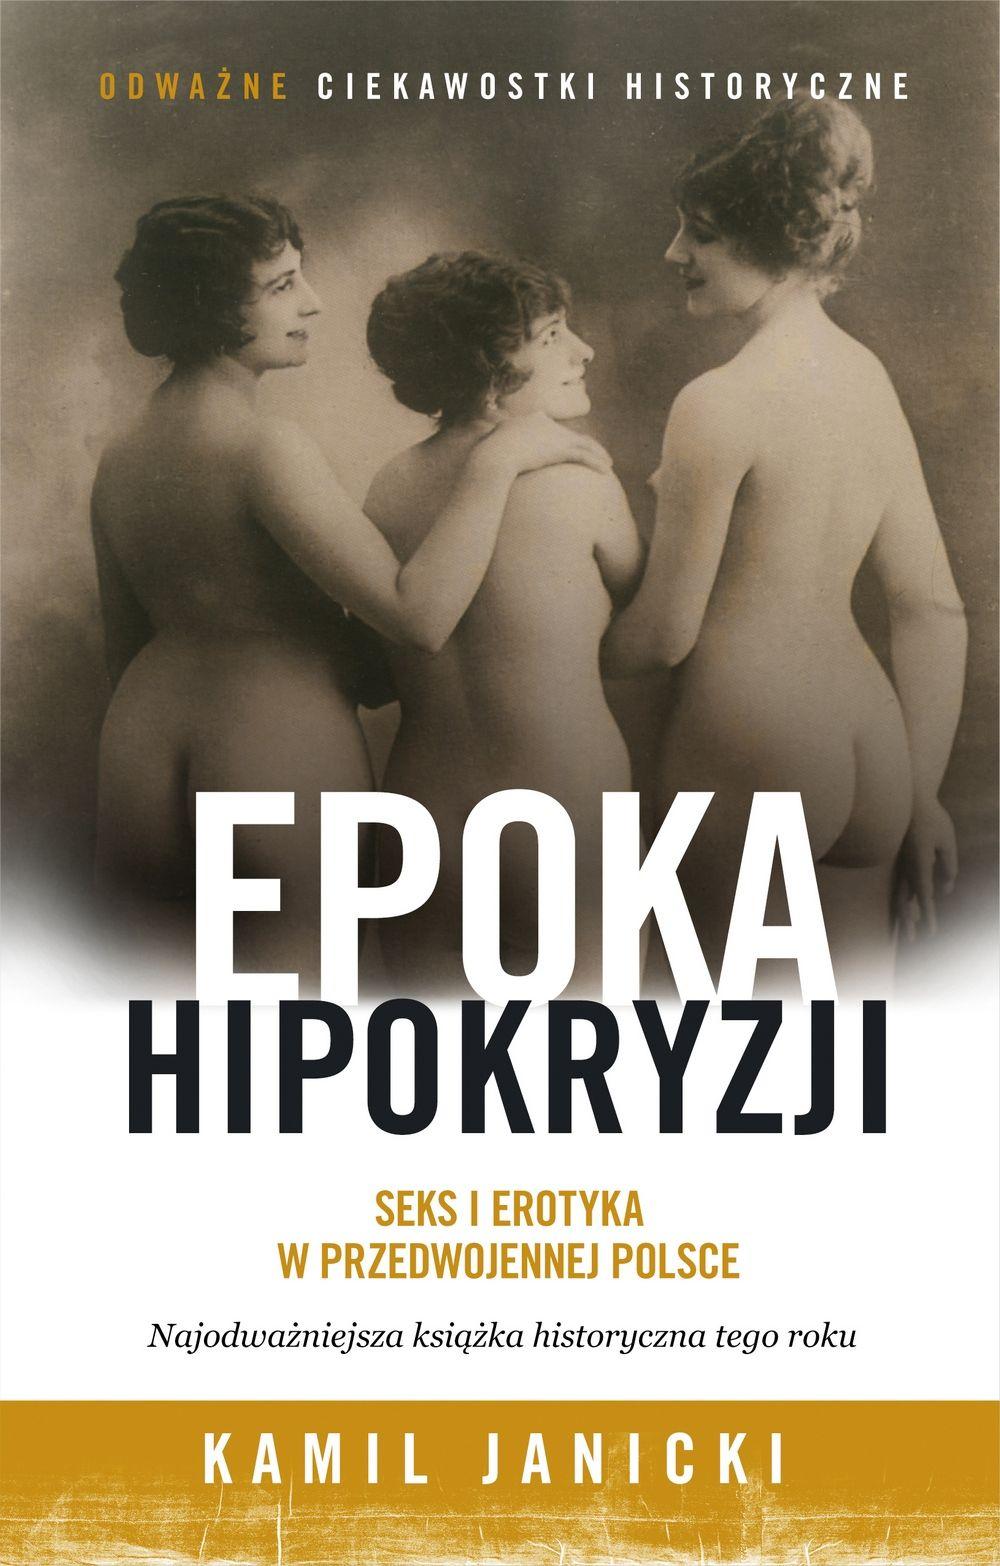 """Więcej o doktorze Kurkiewiczu oraz jego teoriach przeczytacie w naszej książce pod tytułem """"Epoka hipokryzji""""."""